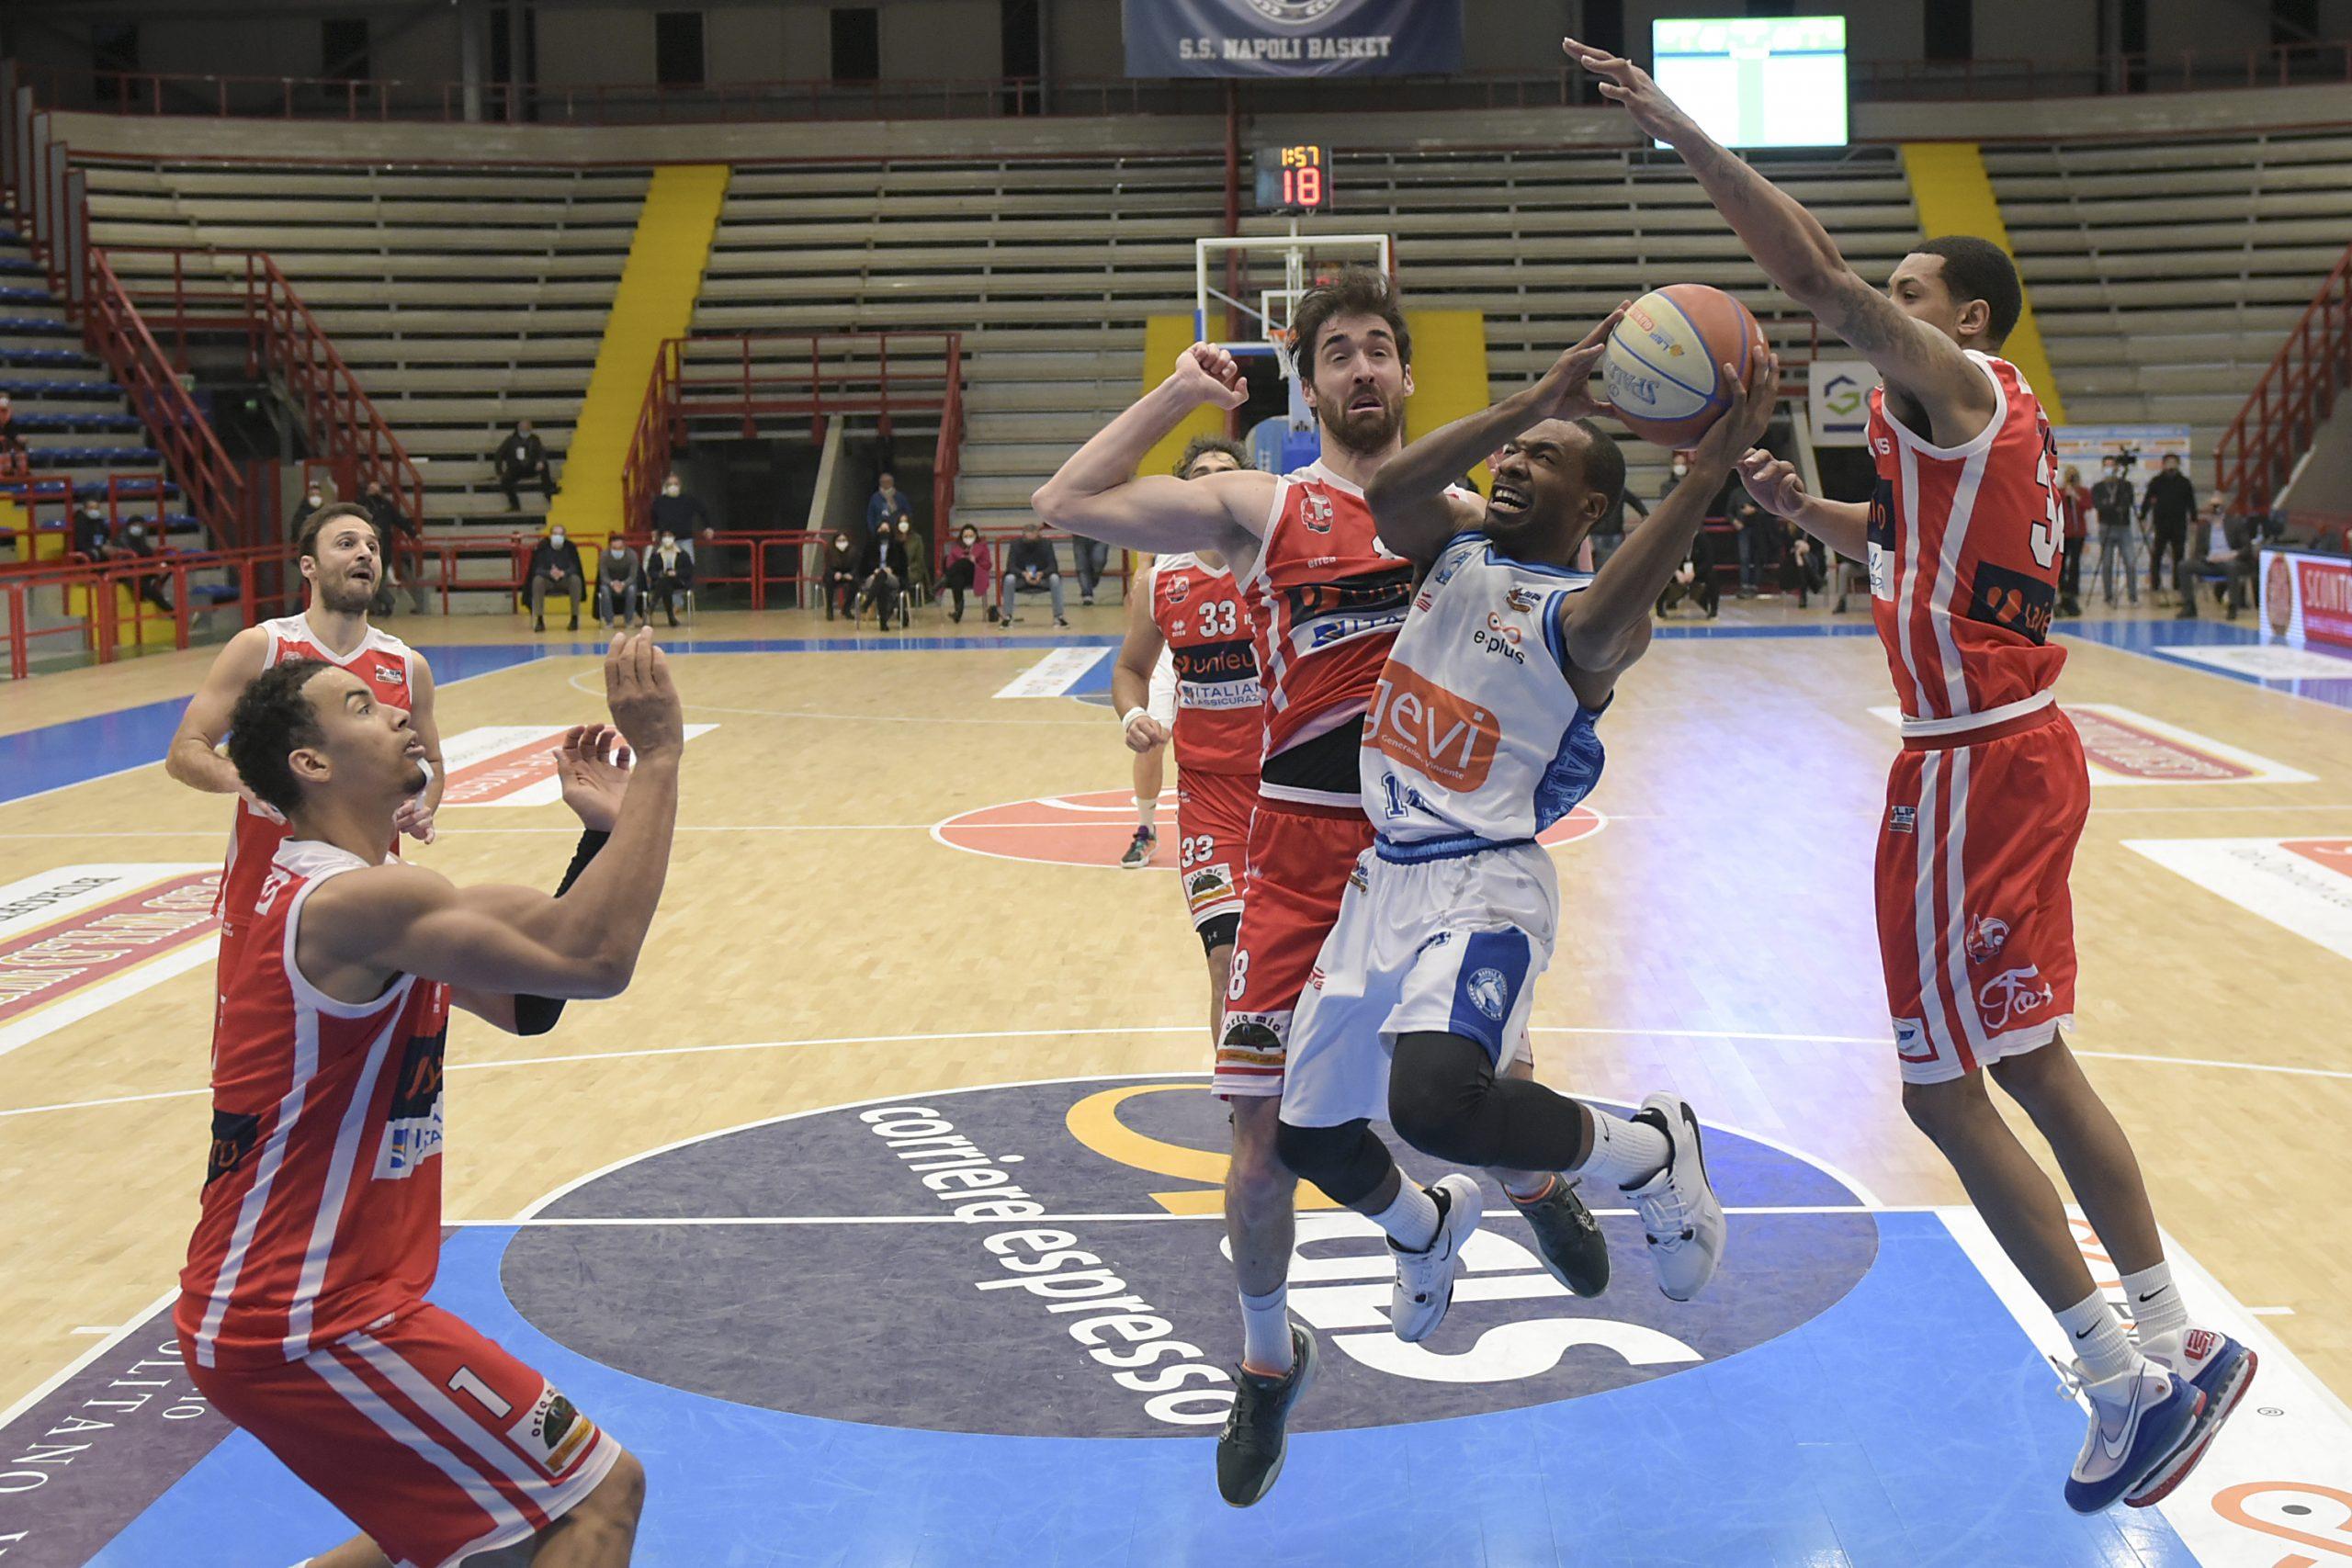 La GeVi è prima, sconfitta Forlì e vetta… dei due gironi.